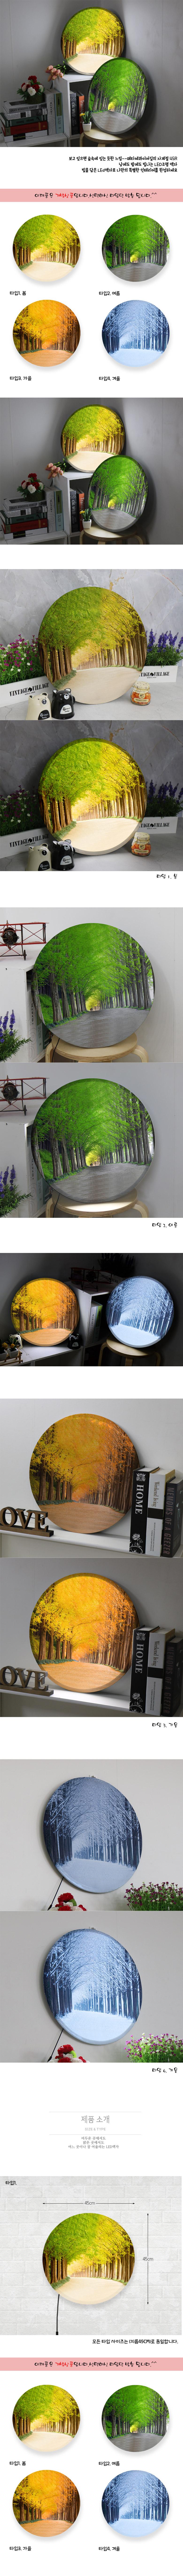 LED액자45R_메타세콰이어길의사계절 - 꾸밈, 86,000원, 포인트조명, 터치조명